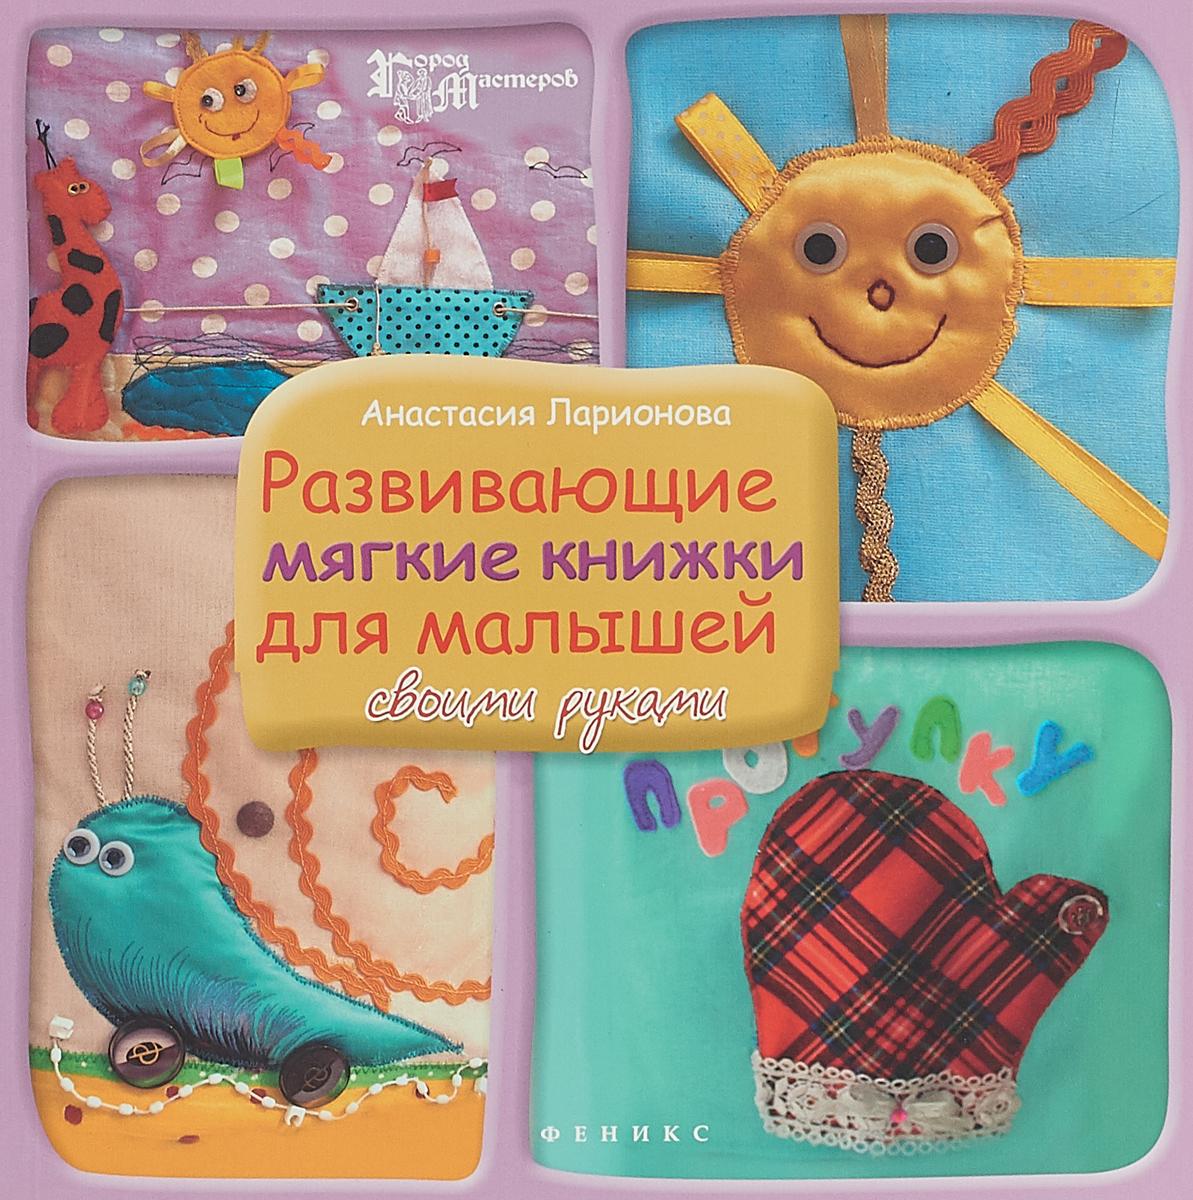 развивающие книжки А. Ларионова Развивающие мягкие книжки для малышей своими руками